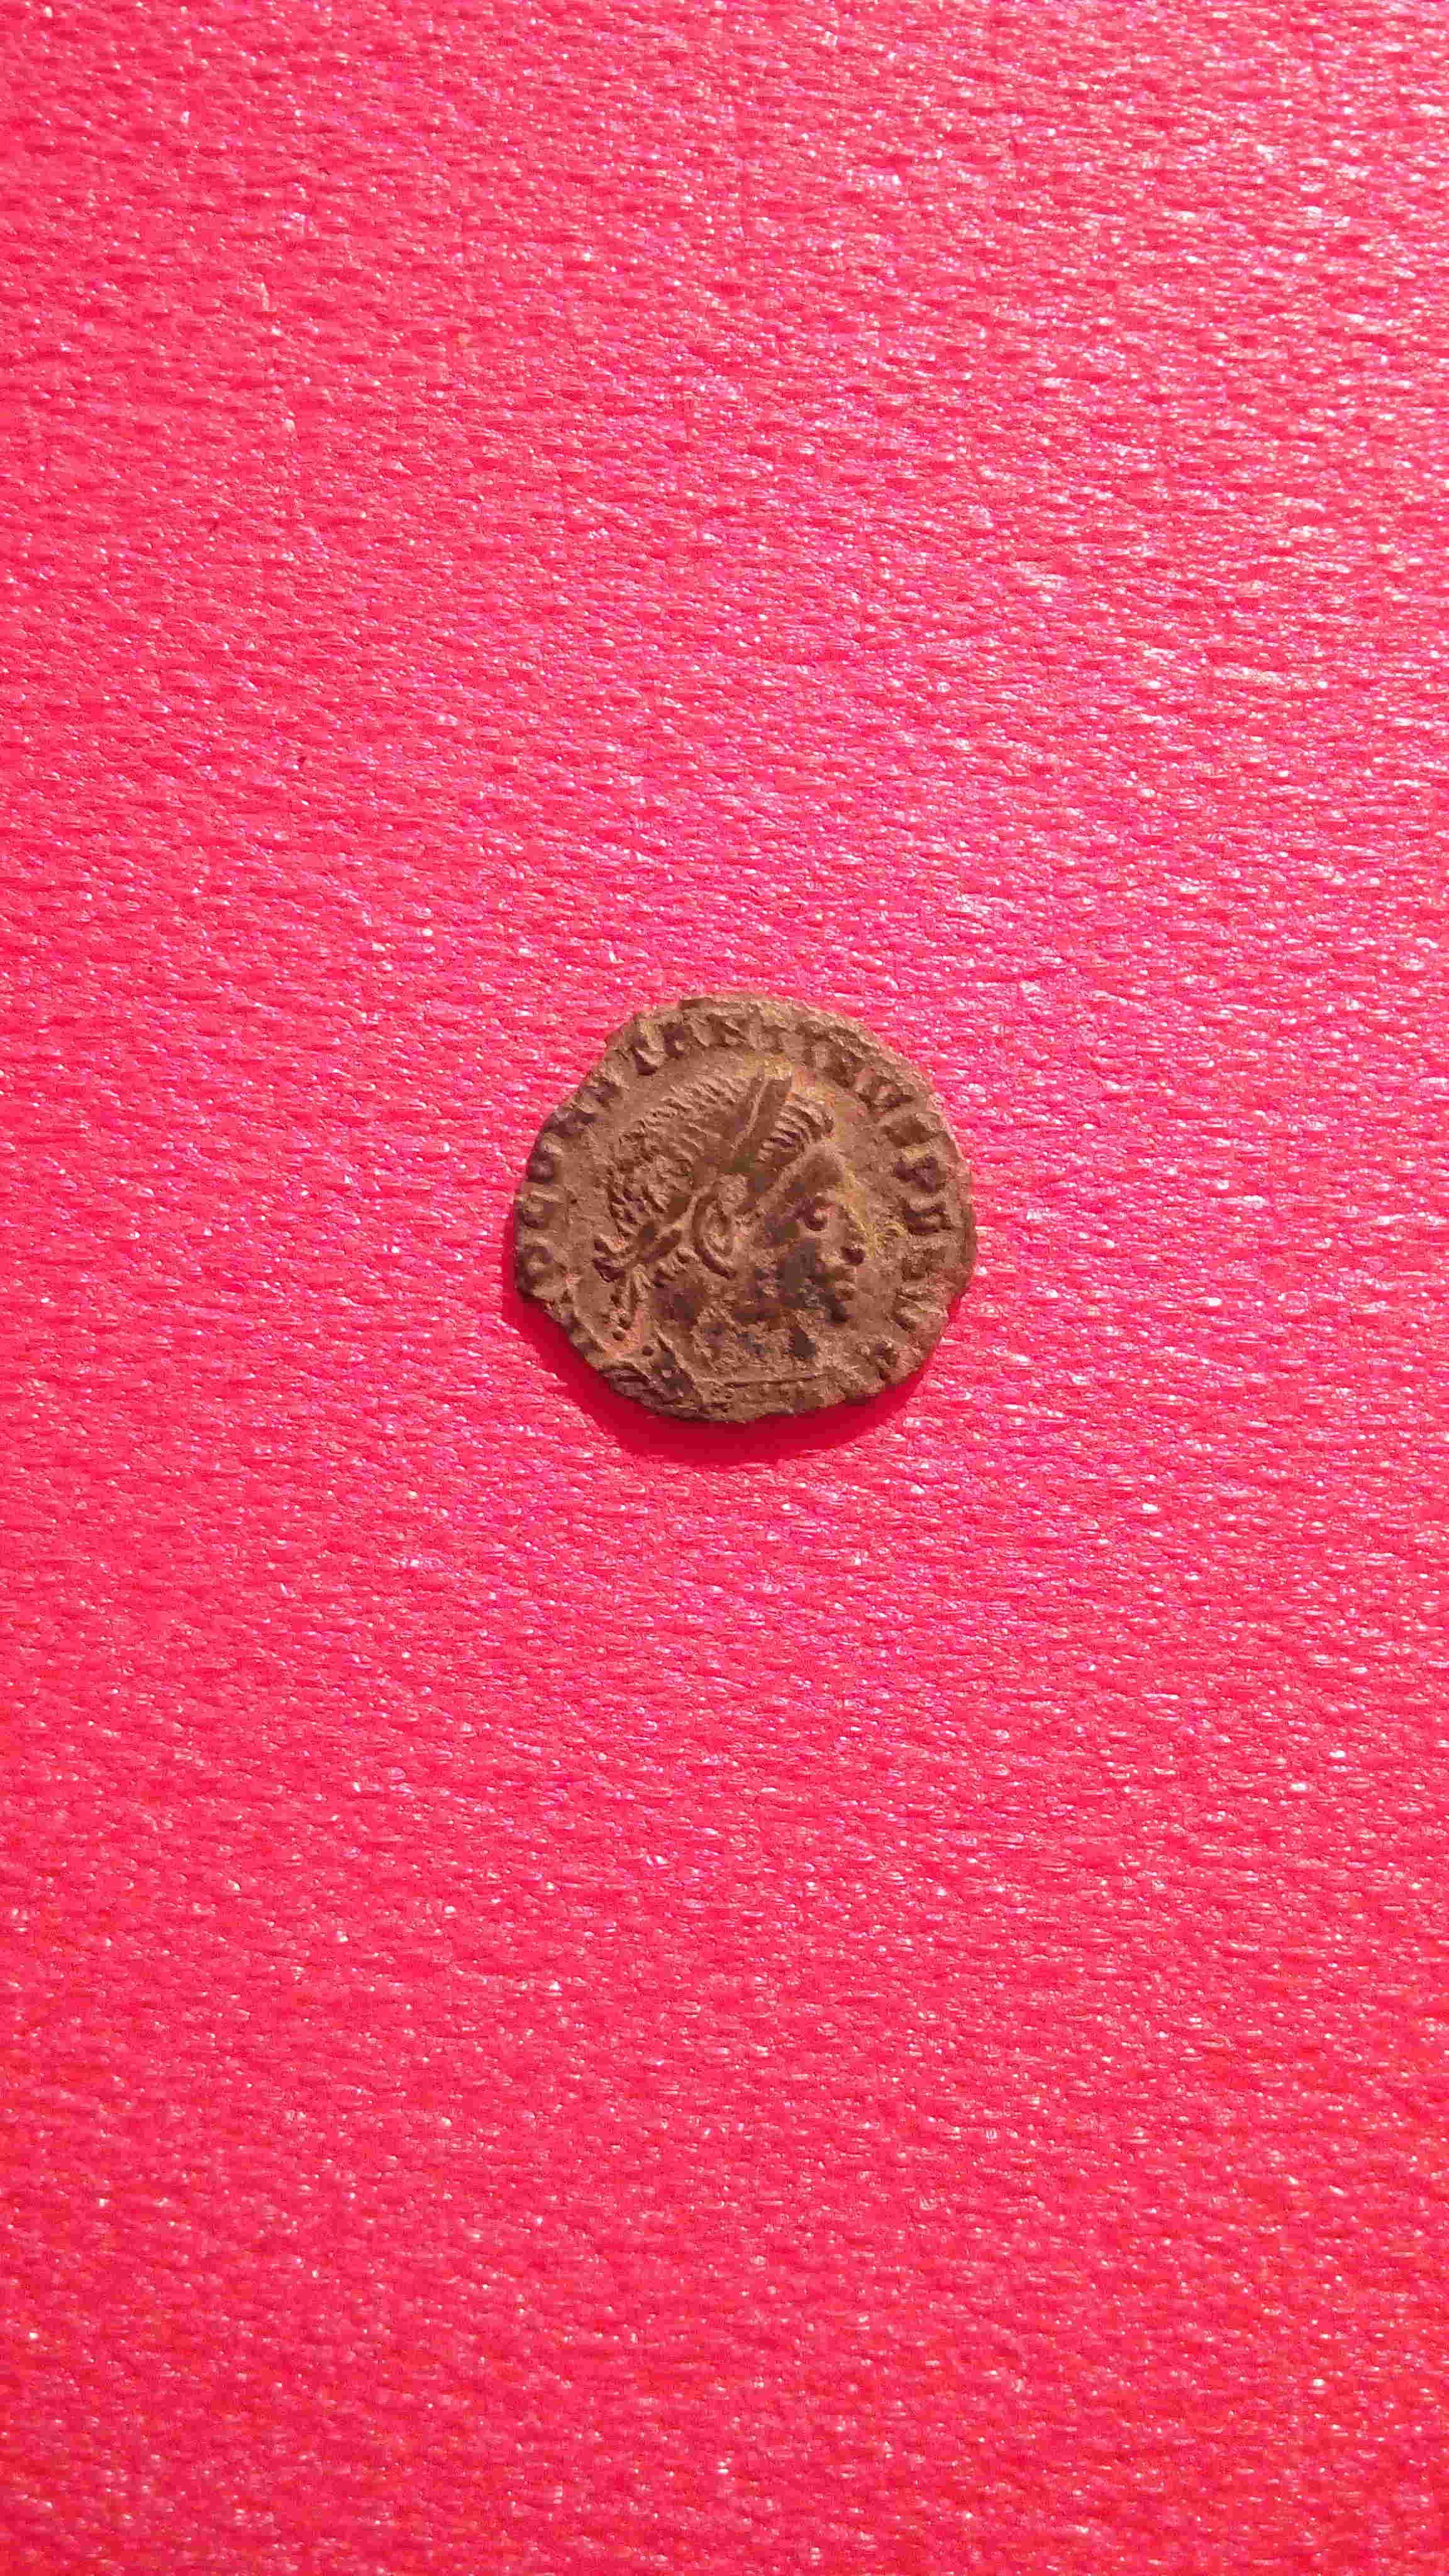 AE3 de Constantino I. SOLI INVICTO COMITI Img_2071